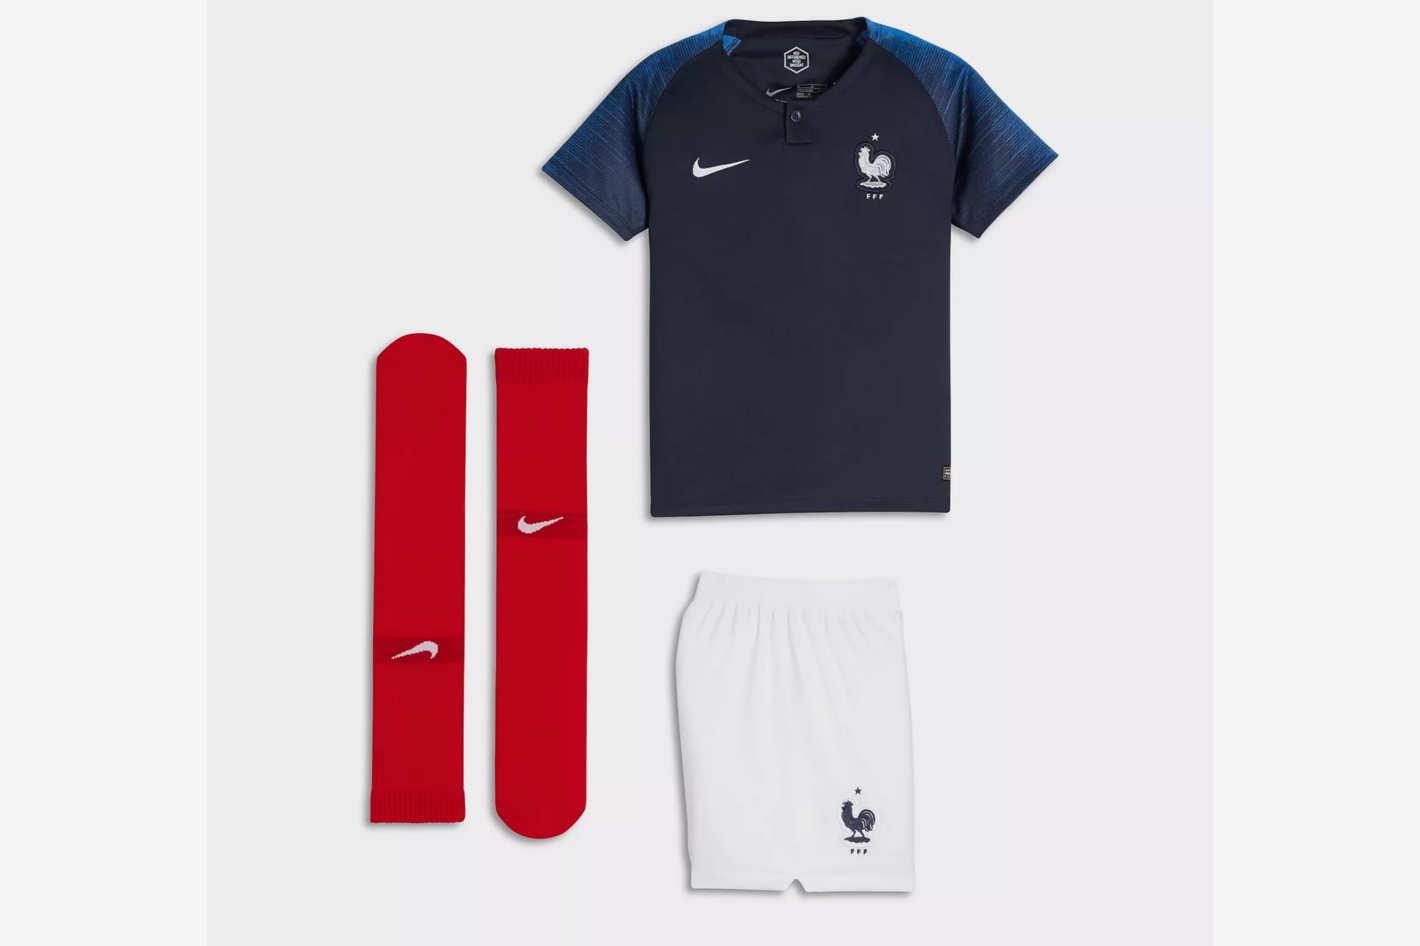 Nike Little Kids' Soccer Kit 2018